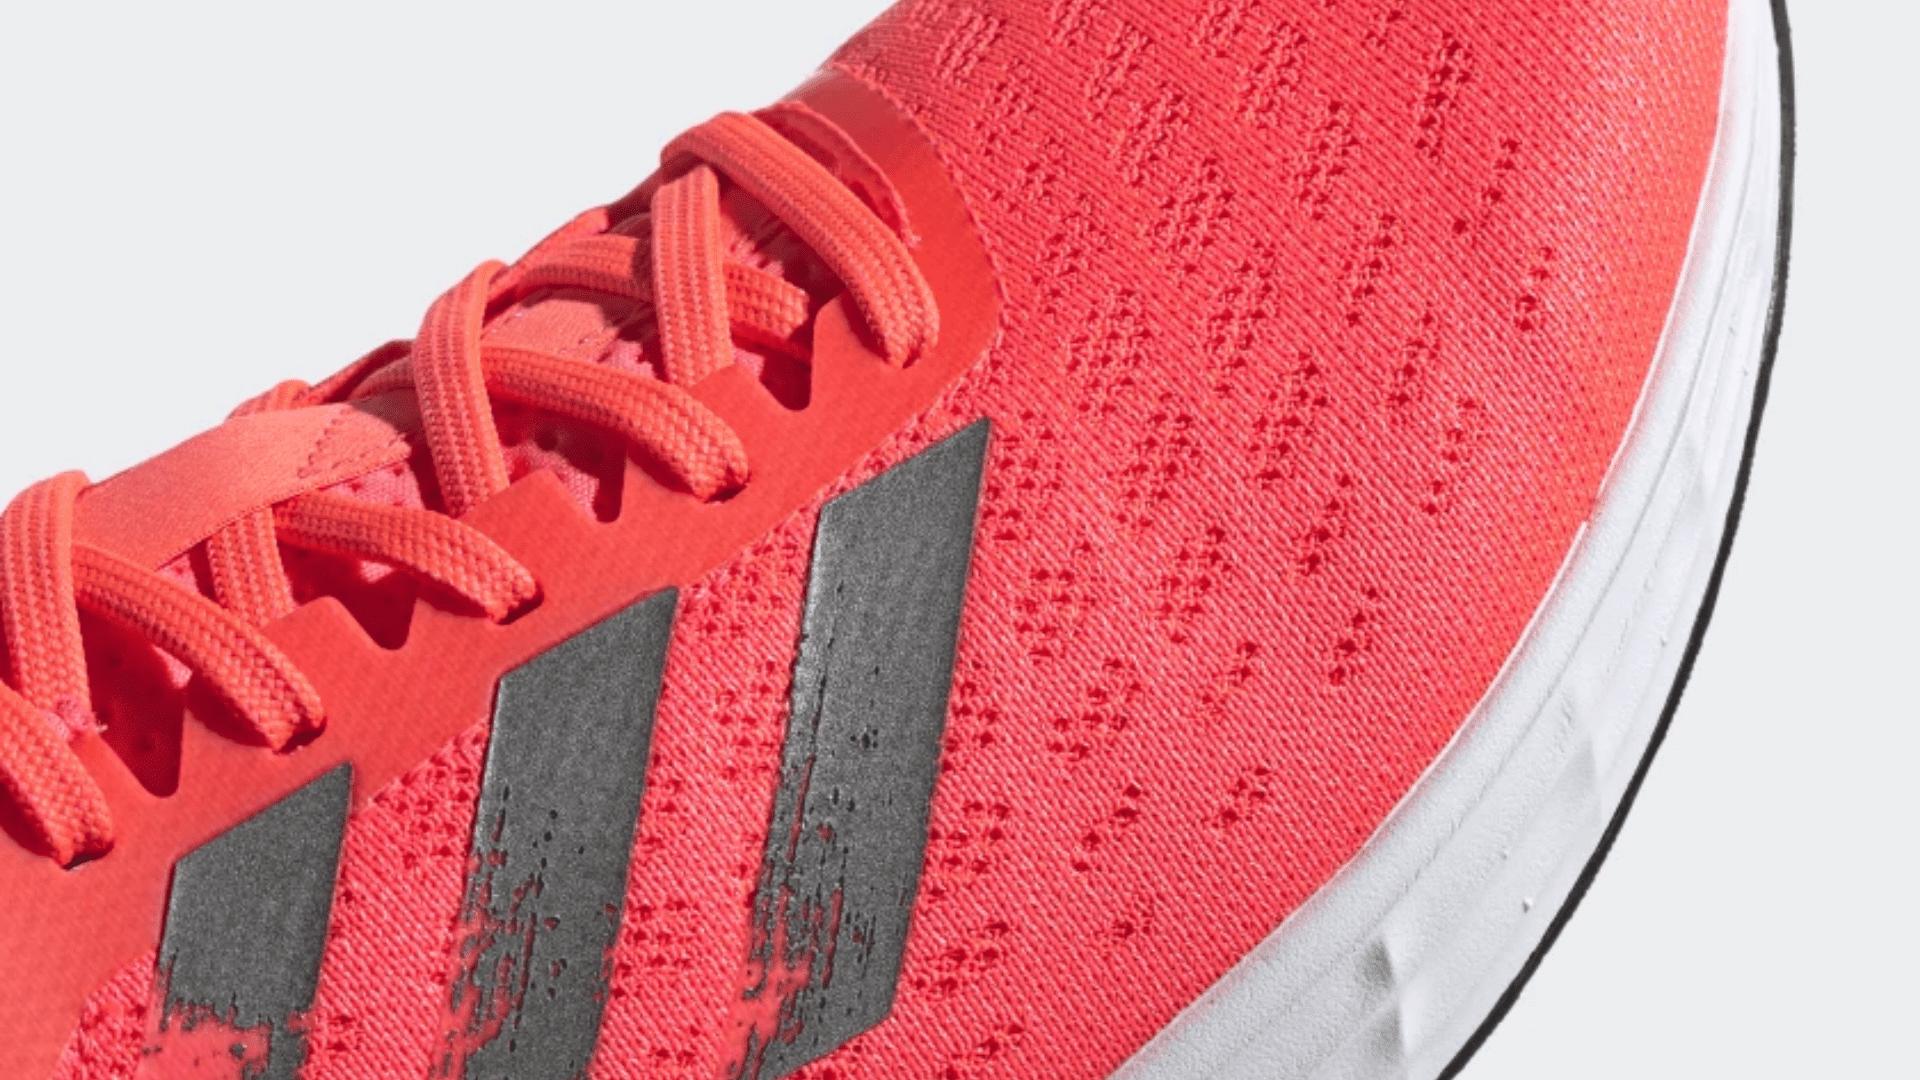 O Adidas SL20 é feito em tecido flexível e sem costura (Imagem: Divulgação/Adidas)